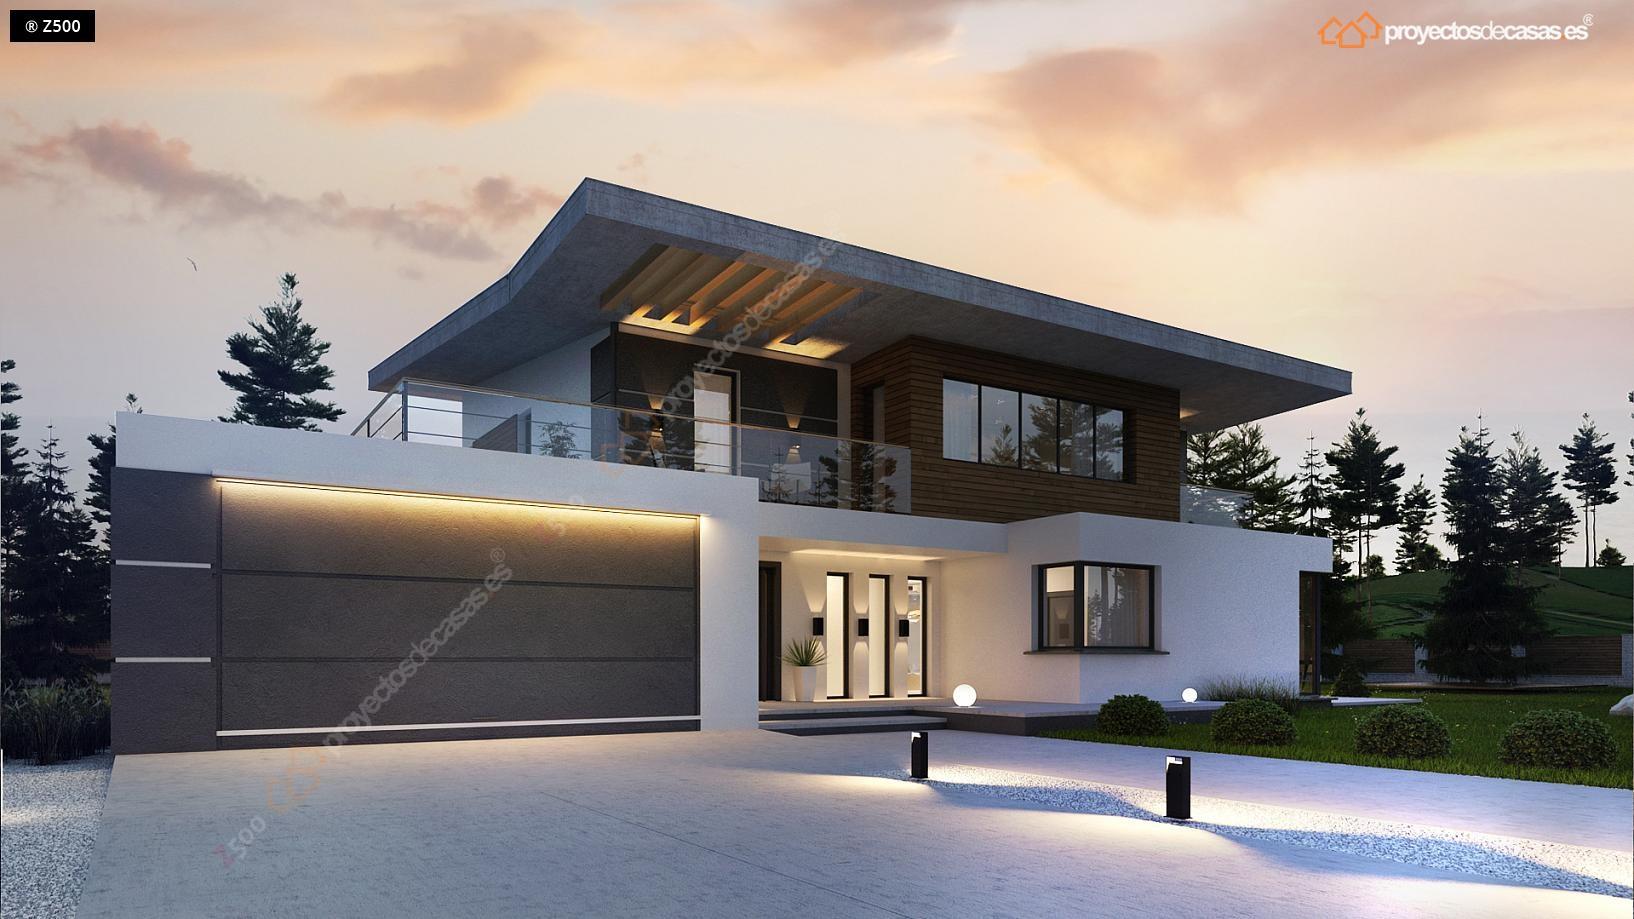 Proyectos de casas casa moderna con piscina - Proyectos de chalets ...